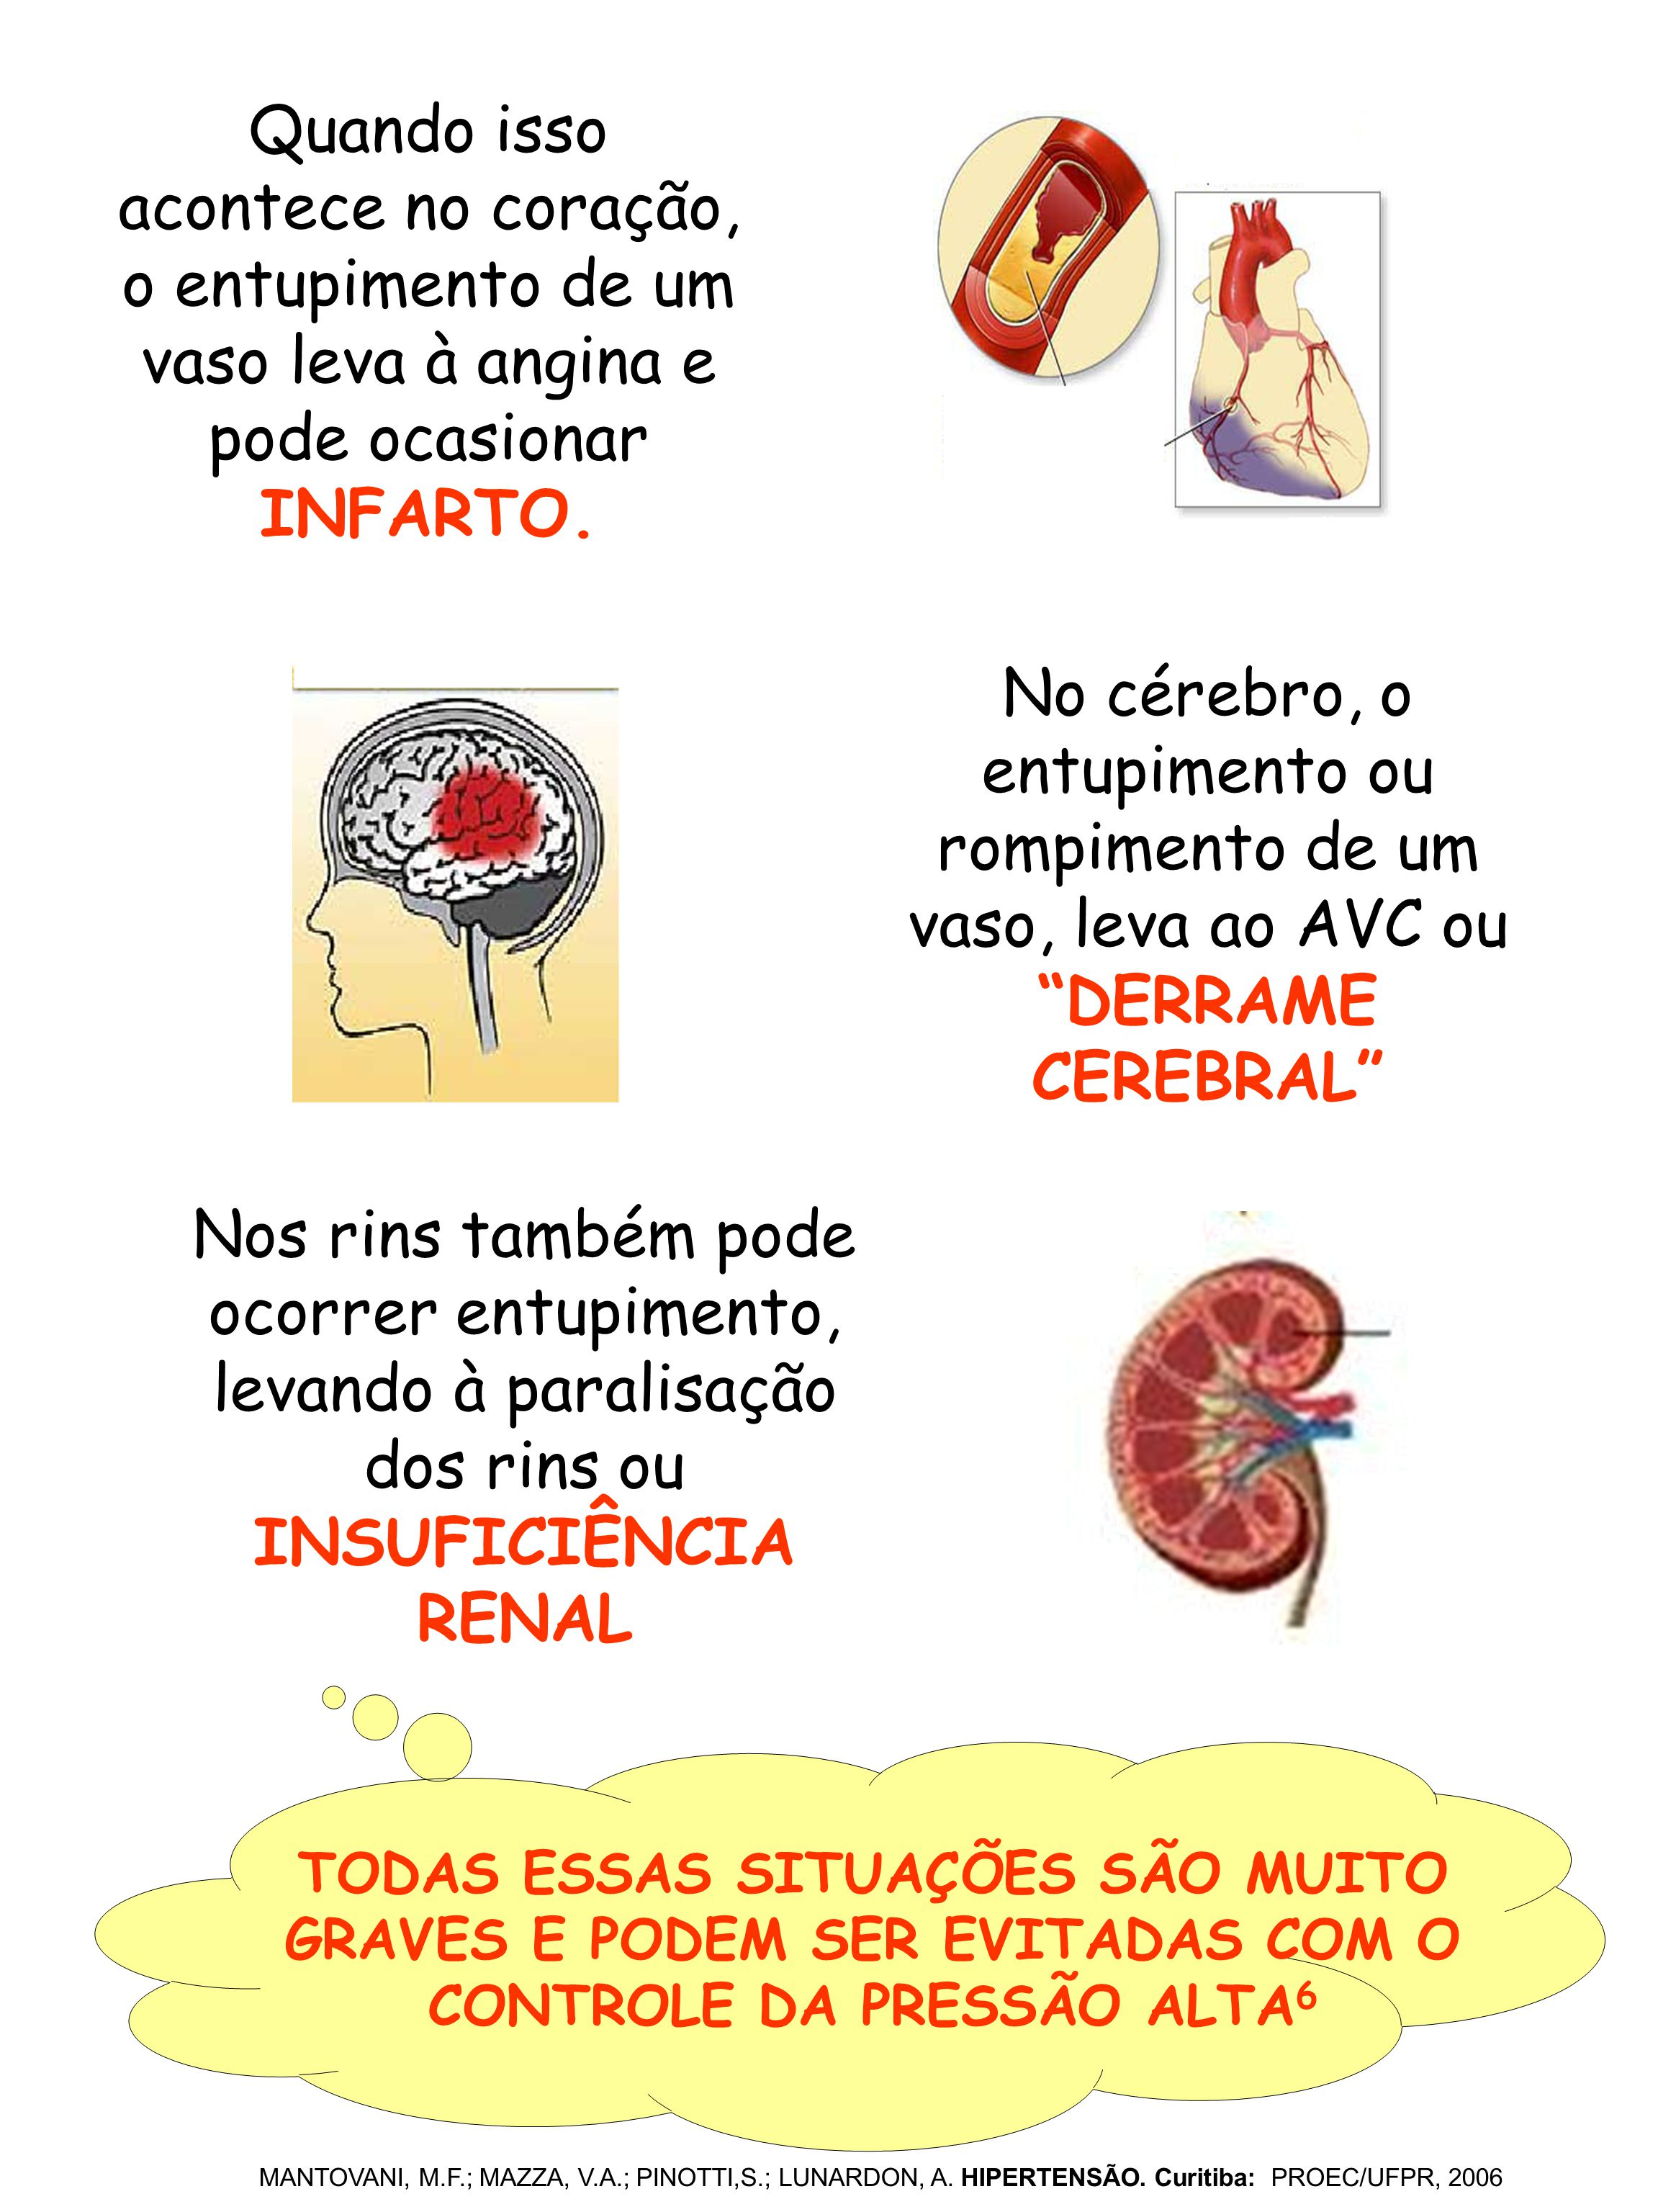 Quando isso acontece no coração, o entupimento de um vaso leva à angina e pode ocasionar INFARTO. No cérebro, o entupimento ou rompimento de um vaso,